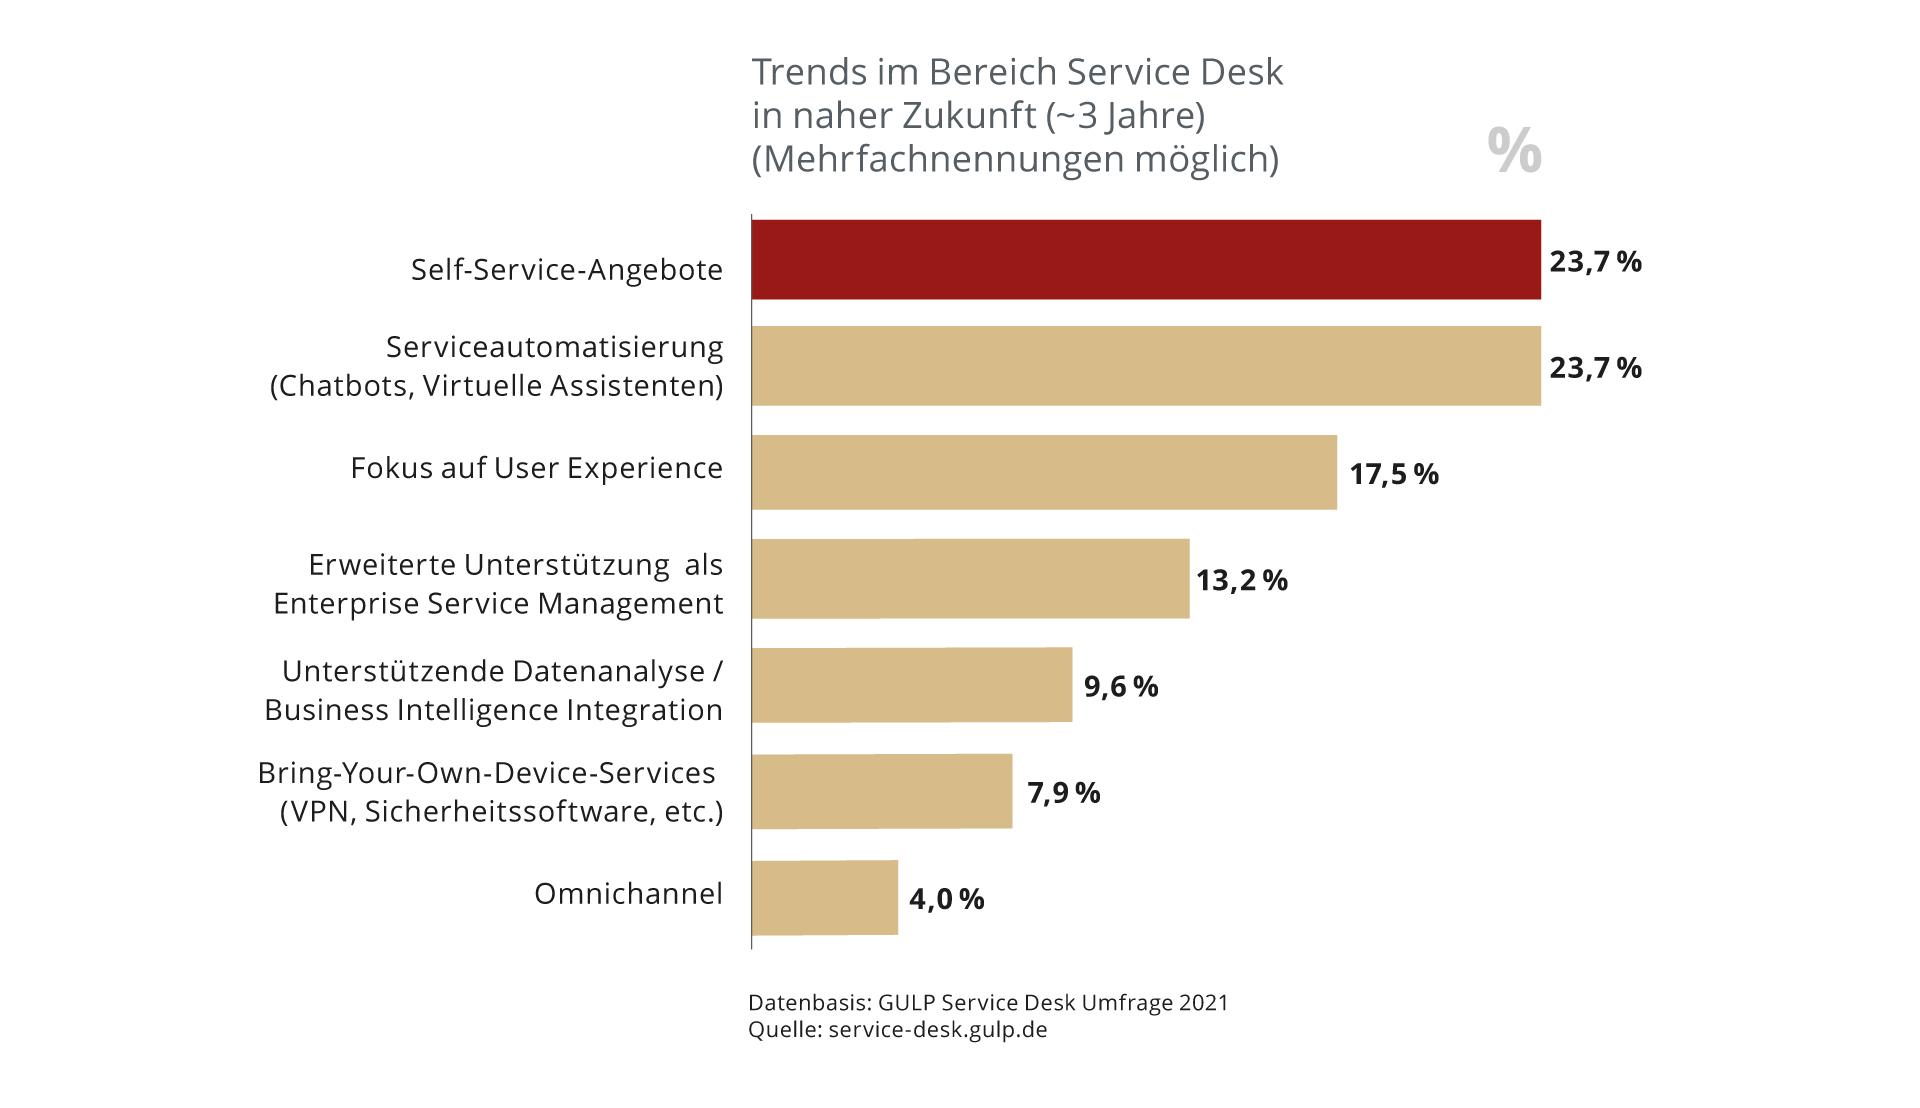 Die wichtigen Trends im Bereich Service Desk in naher Zukunft